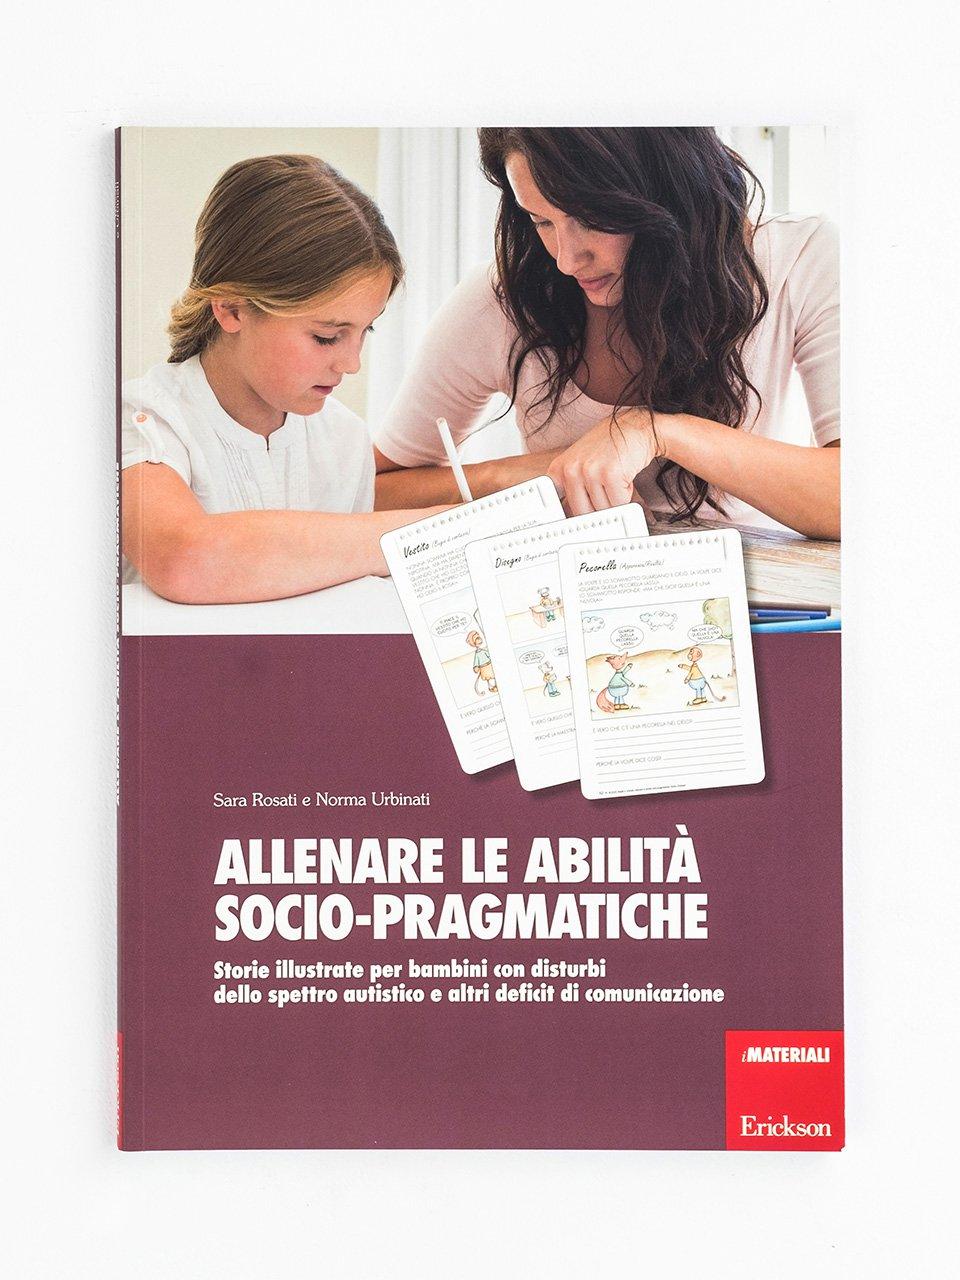 Allenare le abilità socio-pragmatiche - Libri - Erickson